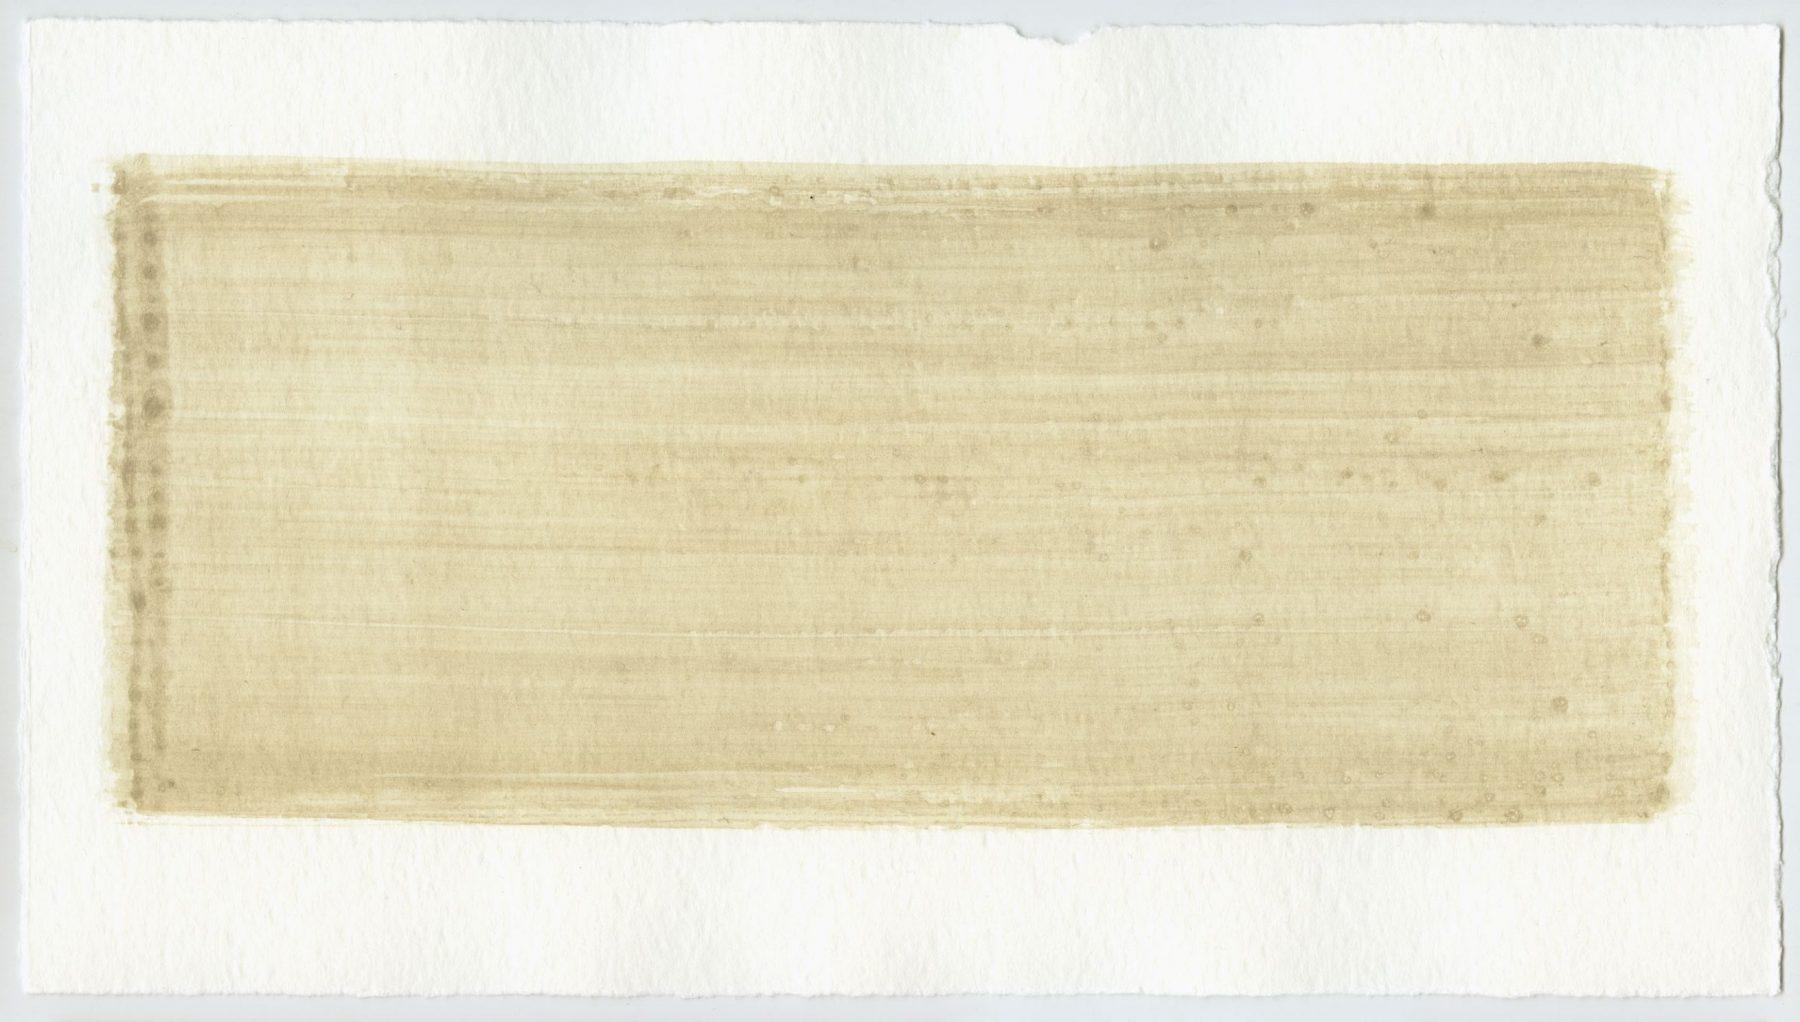 Brush stroke no. 86 - Selfmade pigment: Boekels grijs